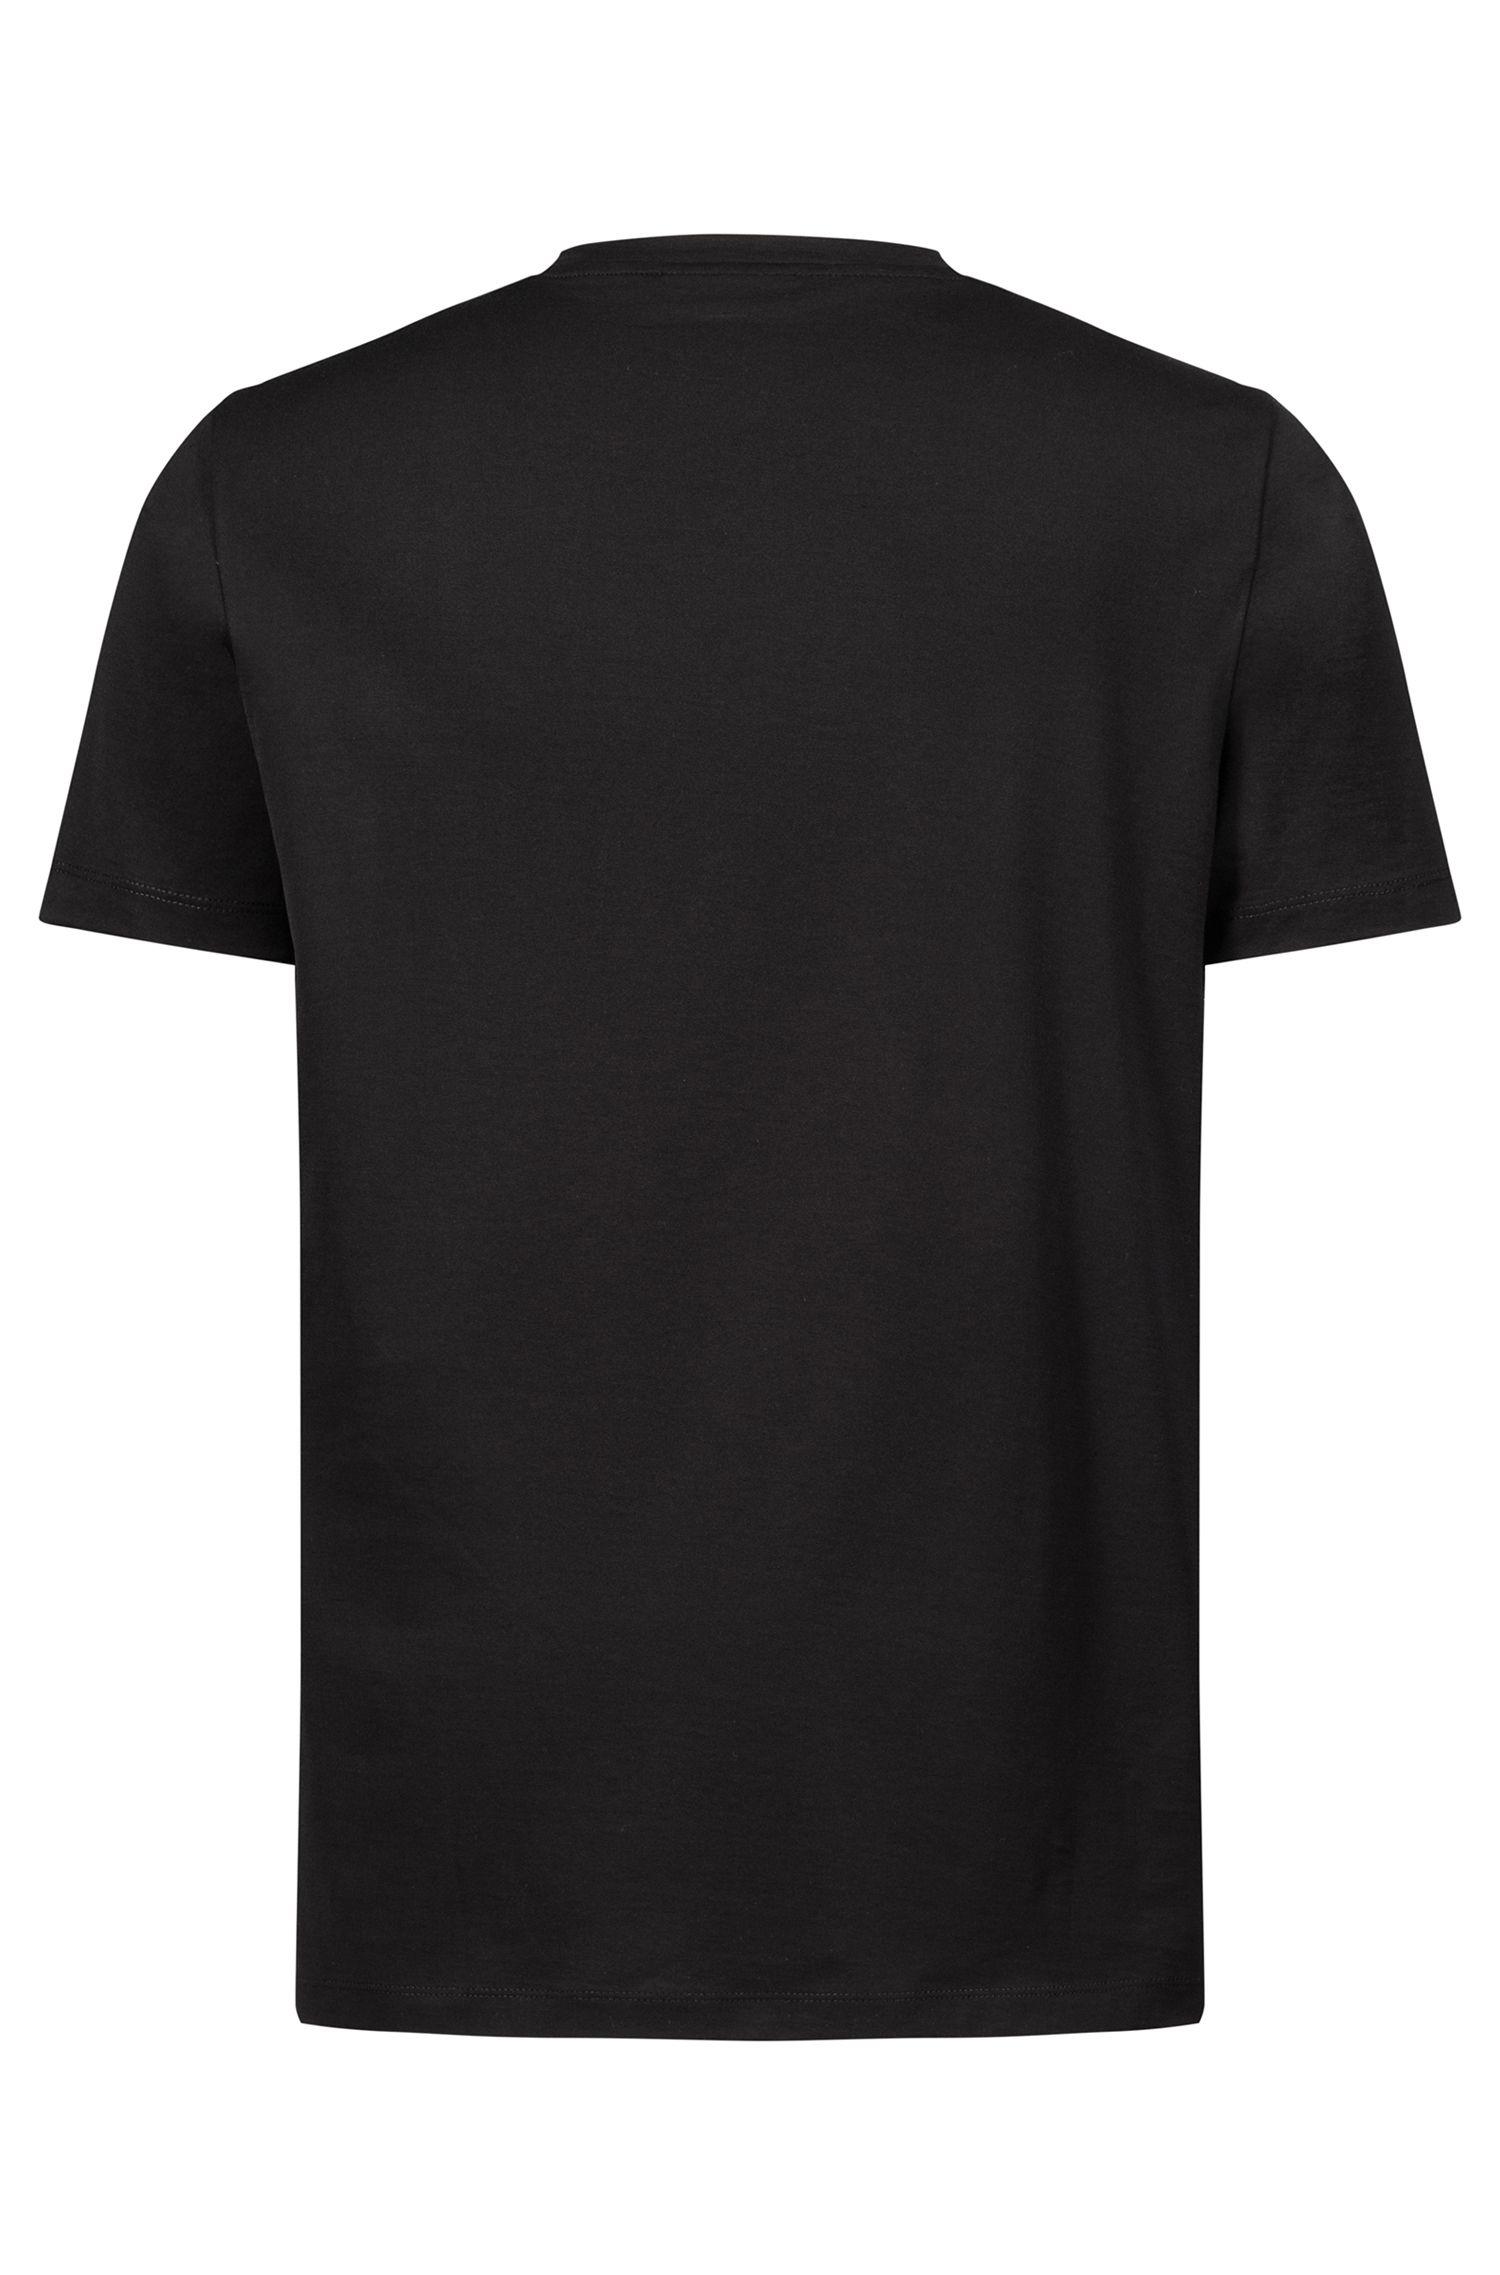 T-Shirt aus Baumwolle mit spiegelverkehrtem Logo-Print, Schwarz